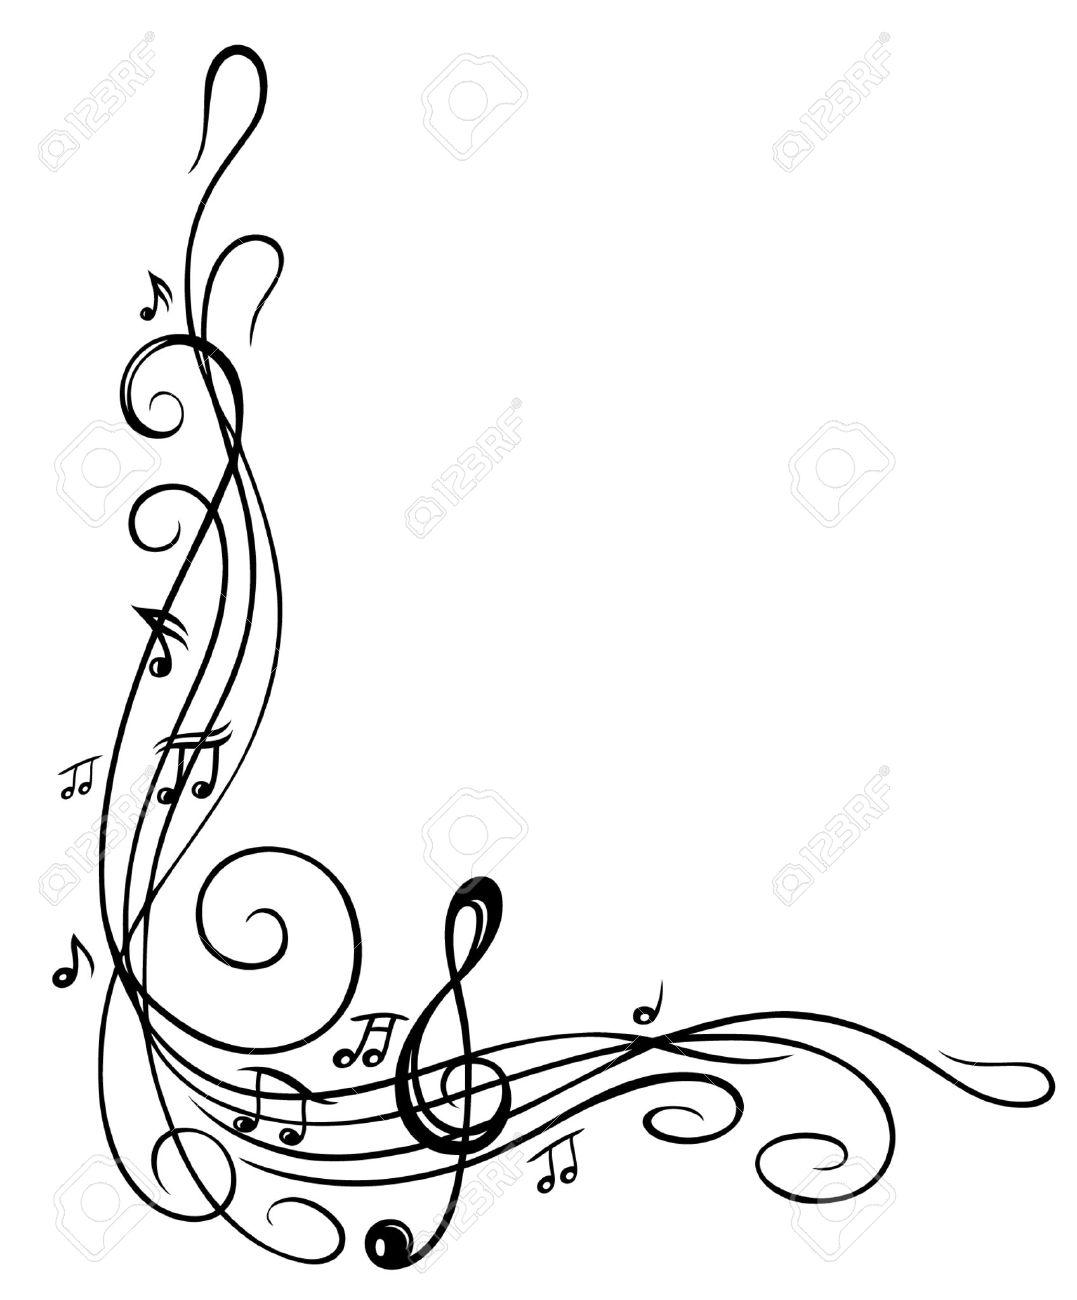 Notenschlüssel und Notenblätter und Musiknoten, Grenz Standard-Bild - 24560889